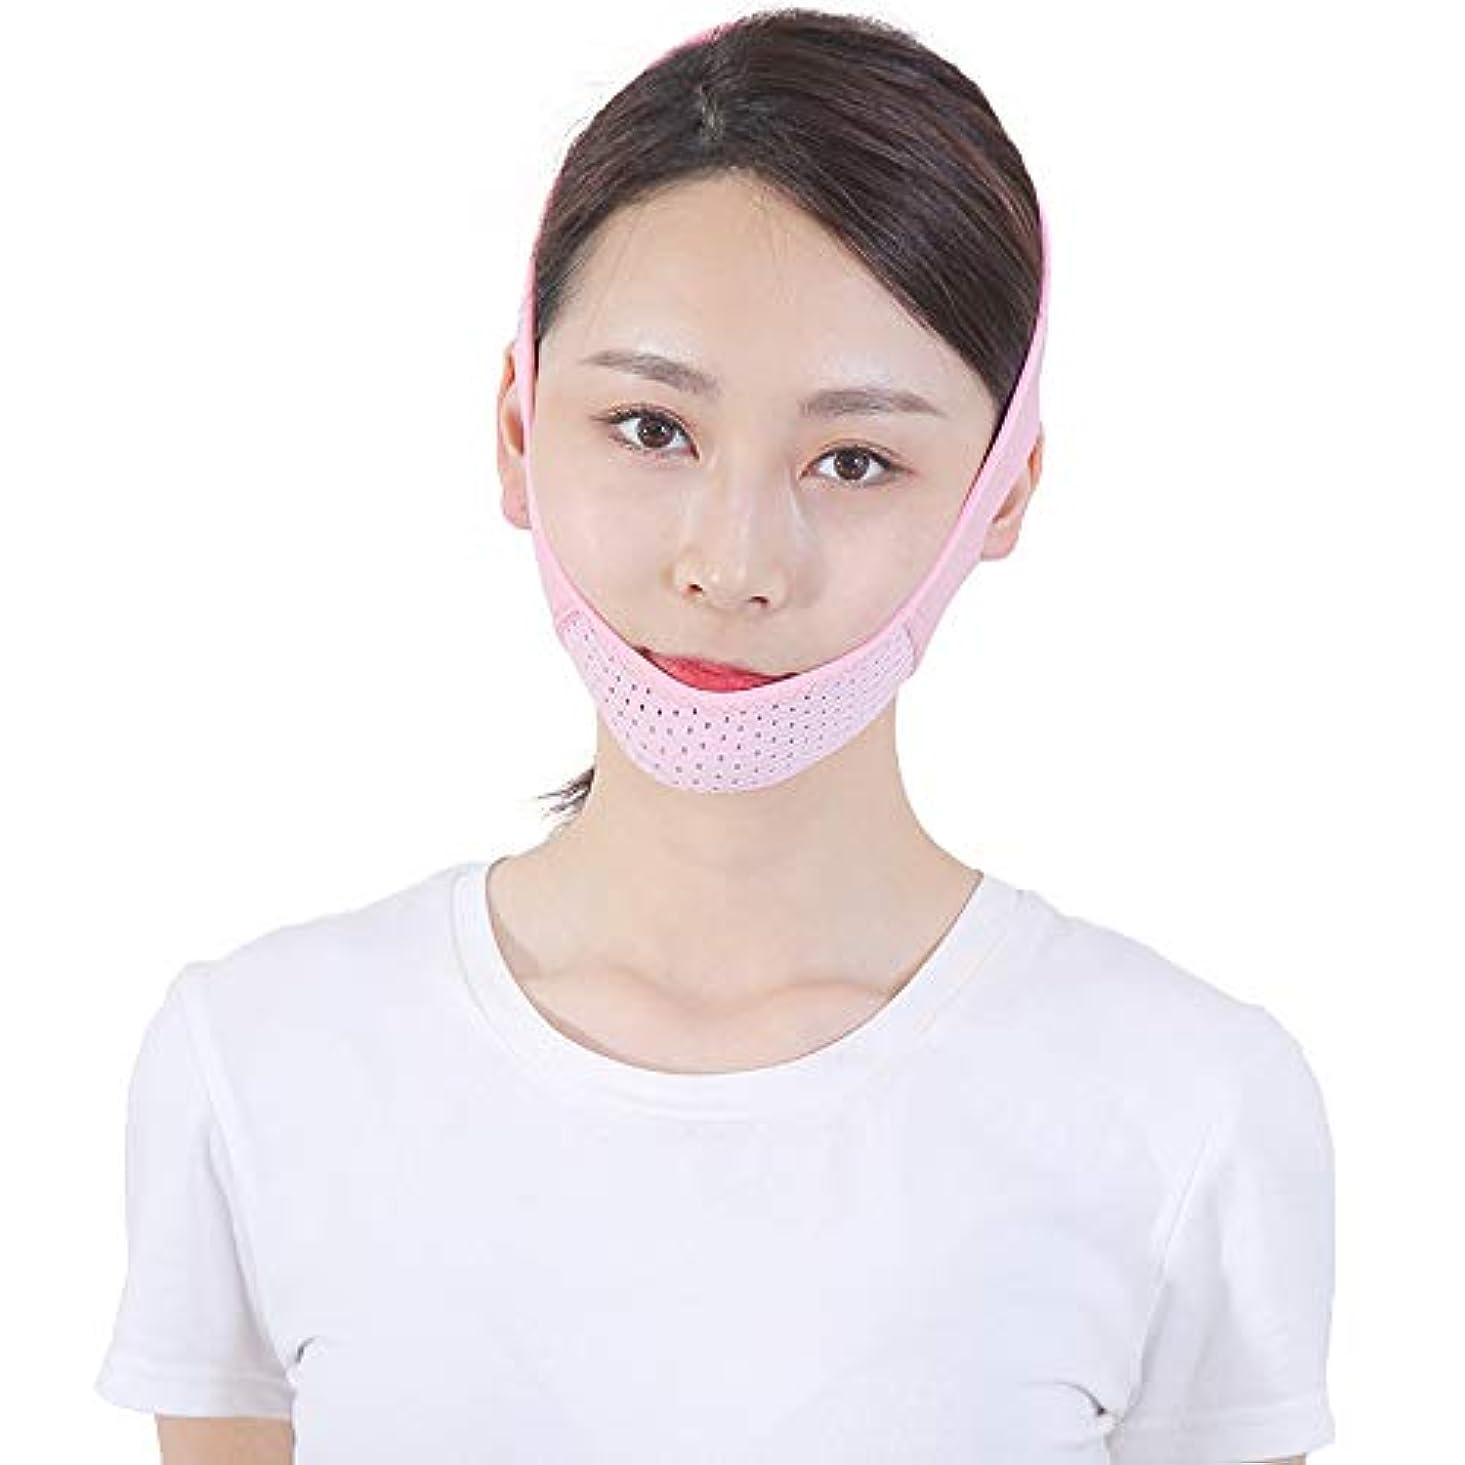 治療起こりやすい表面Jia Jia- フェイシャルリフティング痩身ベルトフェイススリムゲットダブルチンアンチエイジングリンクルフェイスバンデージマスクシェイピングマスク顔を引き締めるダブルチンワークアウト 顔面包帯